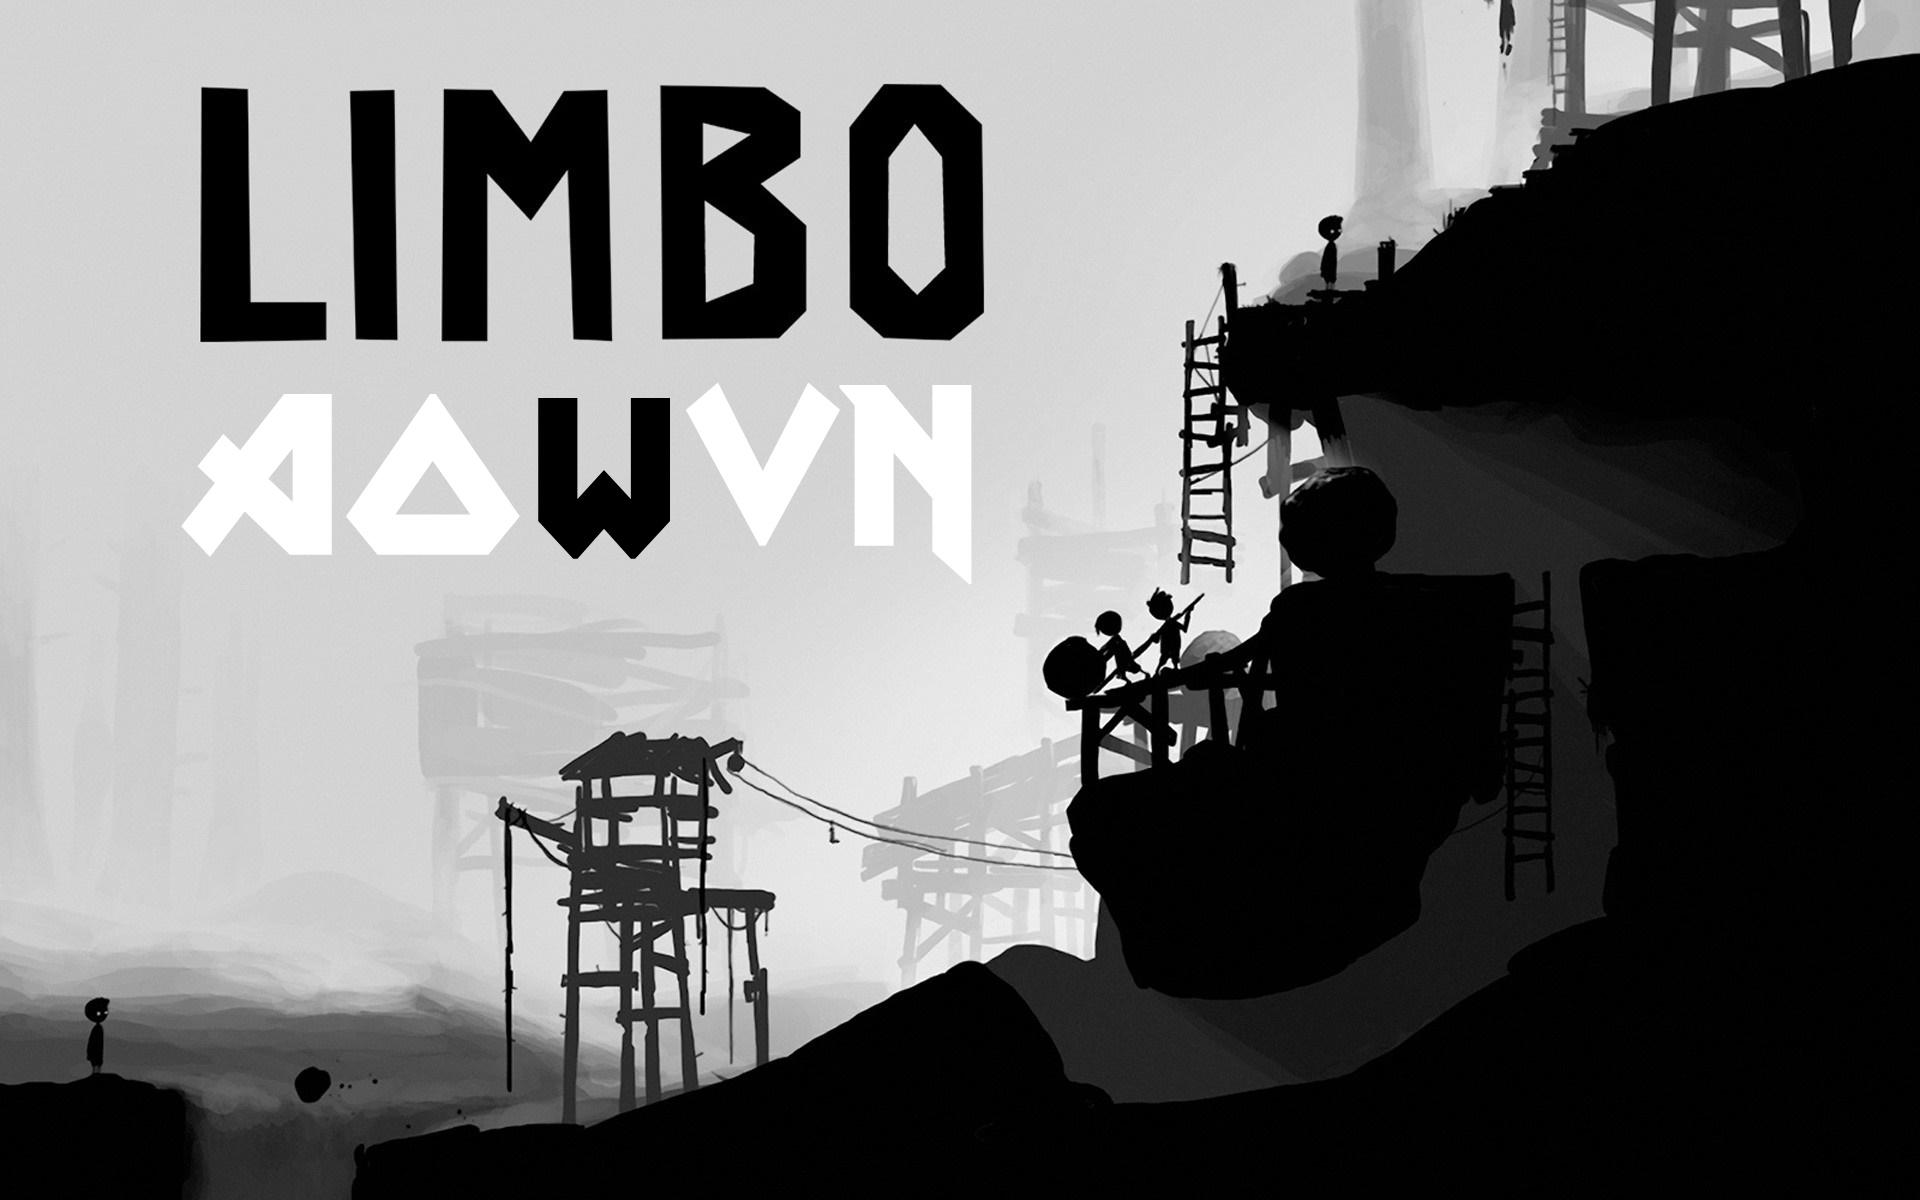 600376 - [ NEW ] Game : LimBo | PC - Cuộc du hành kỳ lạ